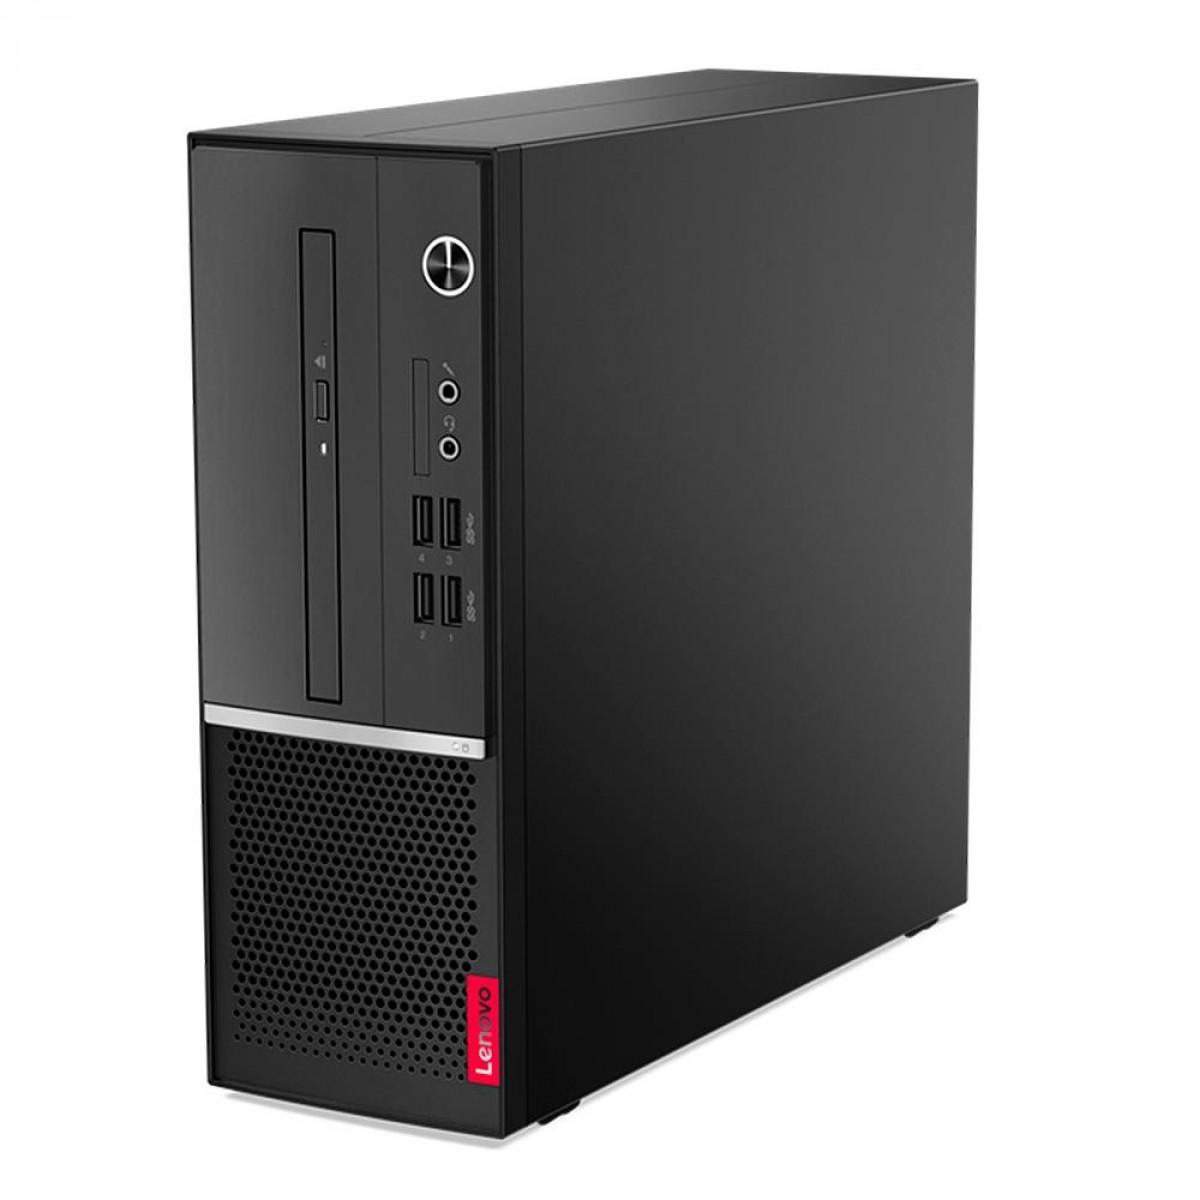 Computador Lenovo V50S T-Gamer  i5-10400 / 8GB / 500GB / Windows 10 Pro / Teclado e Mouse